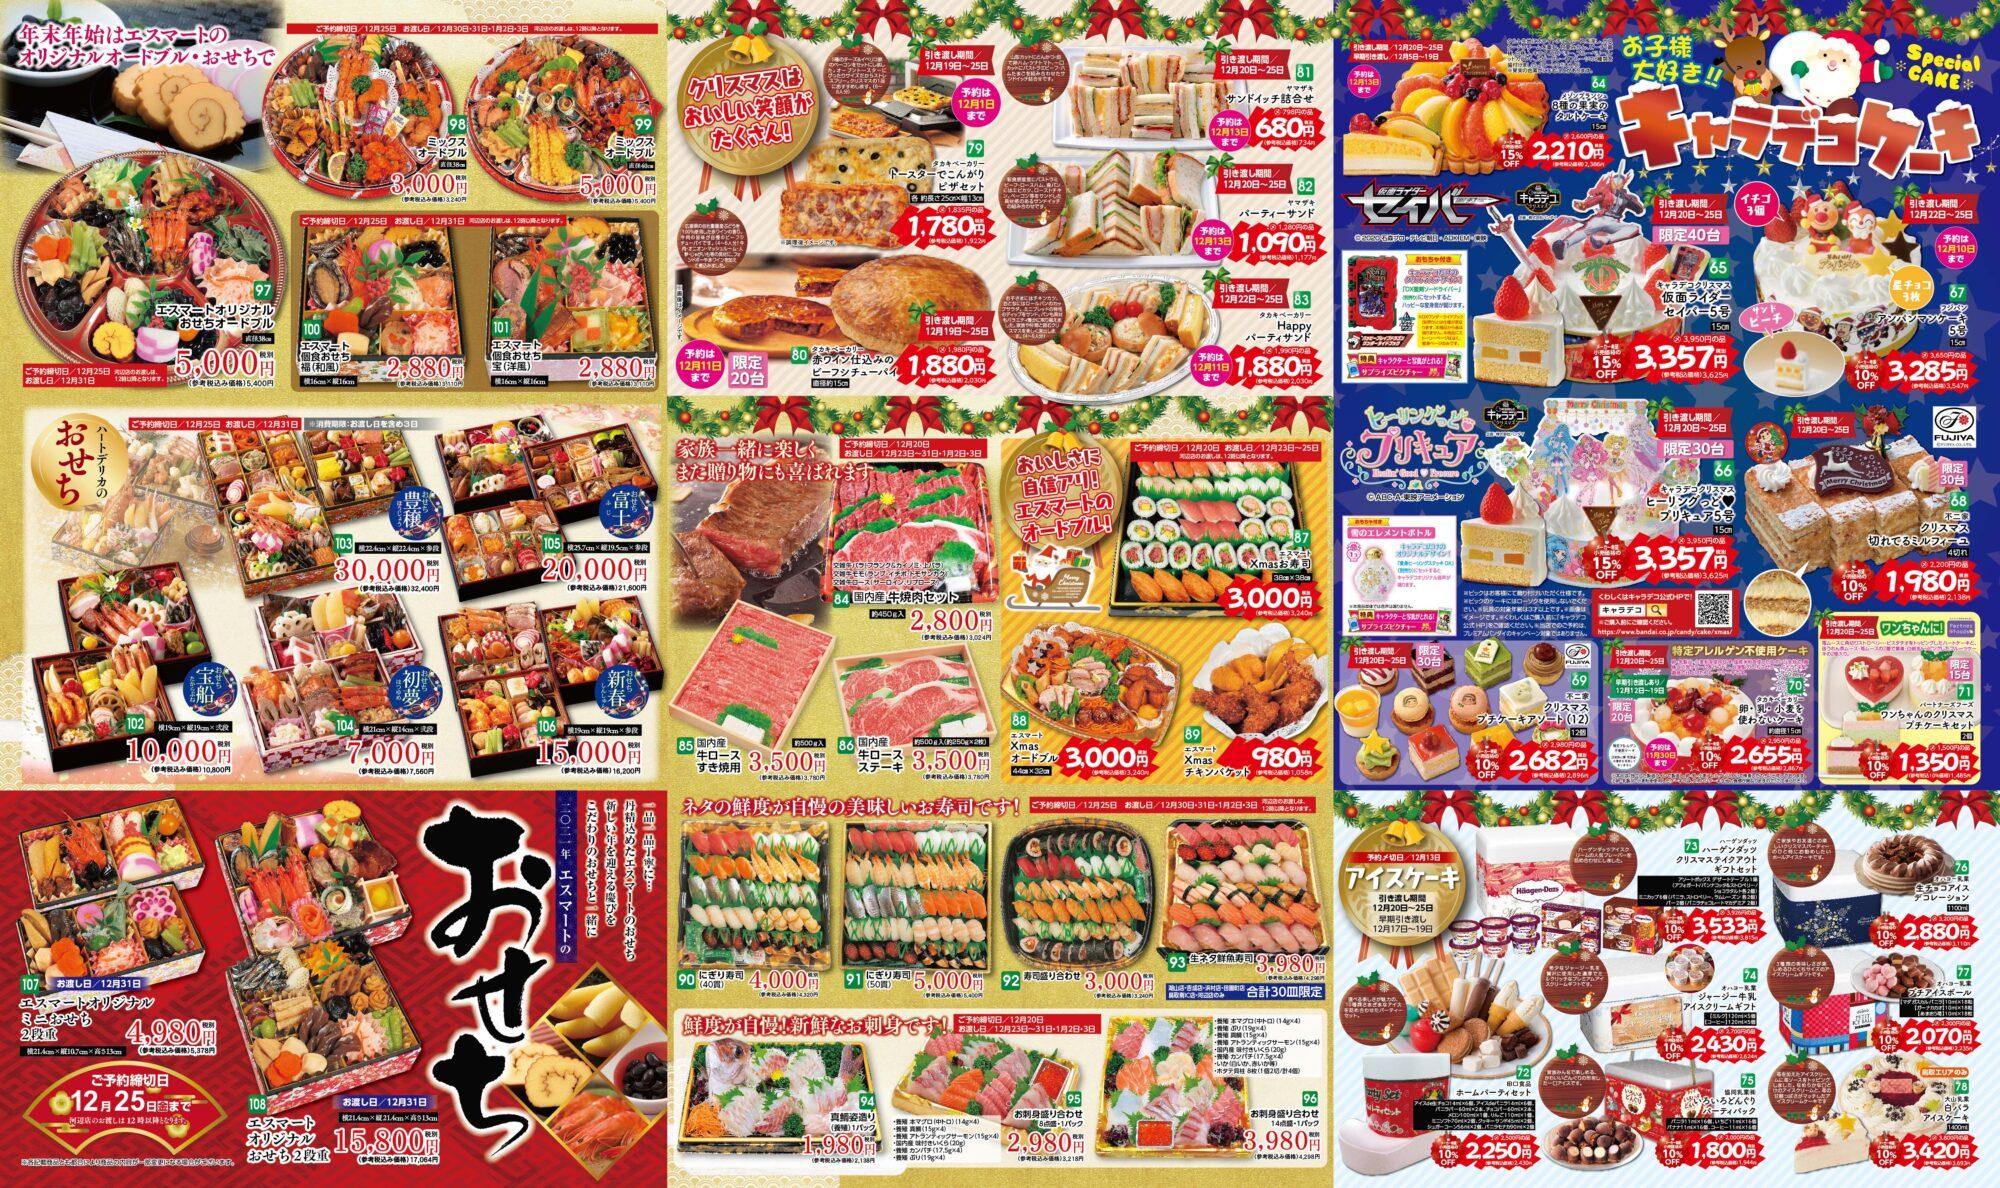 Xmasケーキ・おせち重・オードブル・お寿司・お刺身・お肉 など、ご家族で素敵な年末・年始をお過ごしいただくため、うれしいエスマート価格でご準備いたしました。 うら面